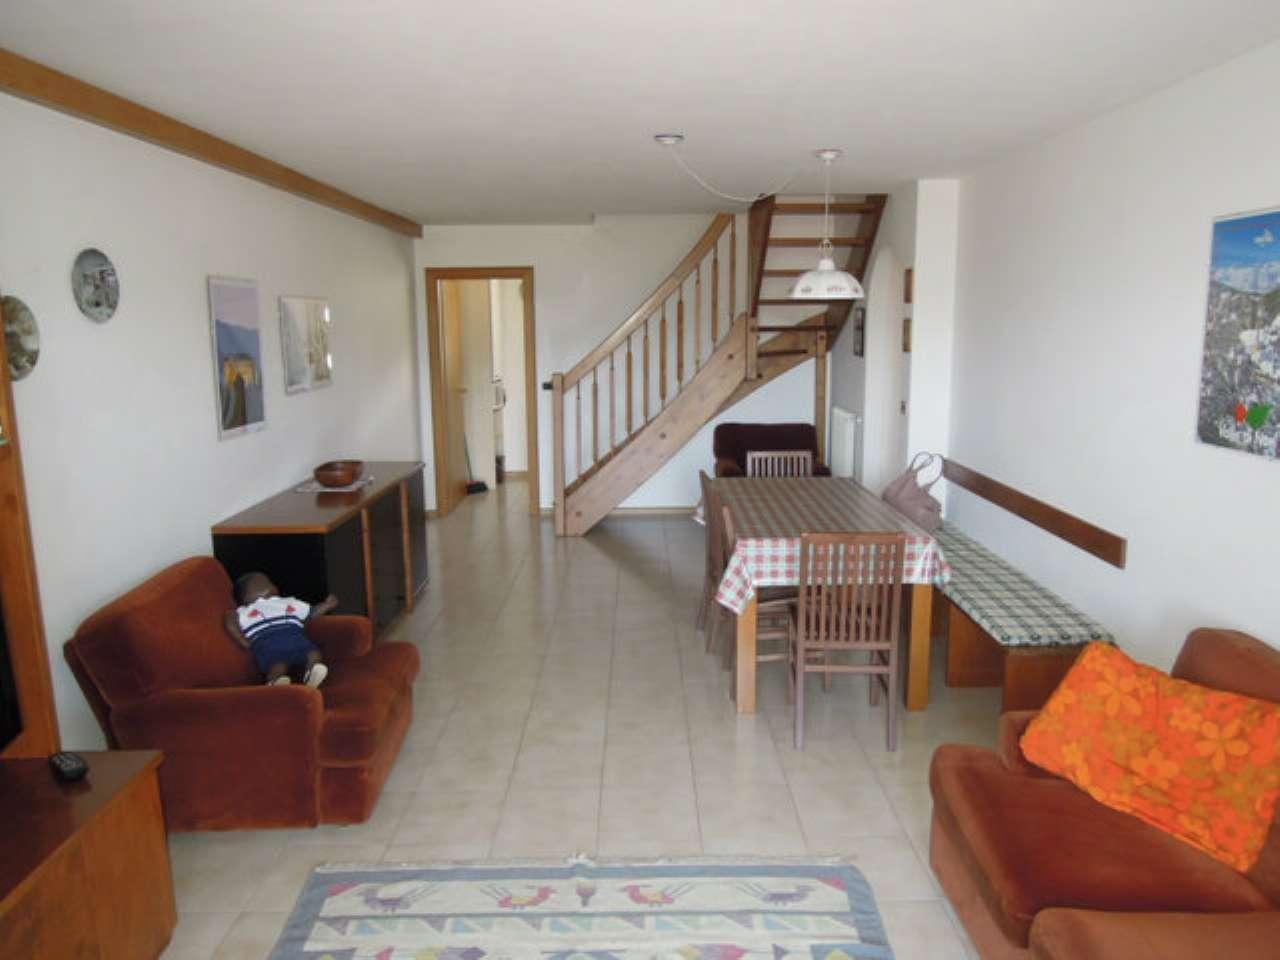 Appartamento in vendita a Castelfondo, 4 locali, prezzo € 130.000   CambioCasa.it